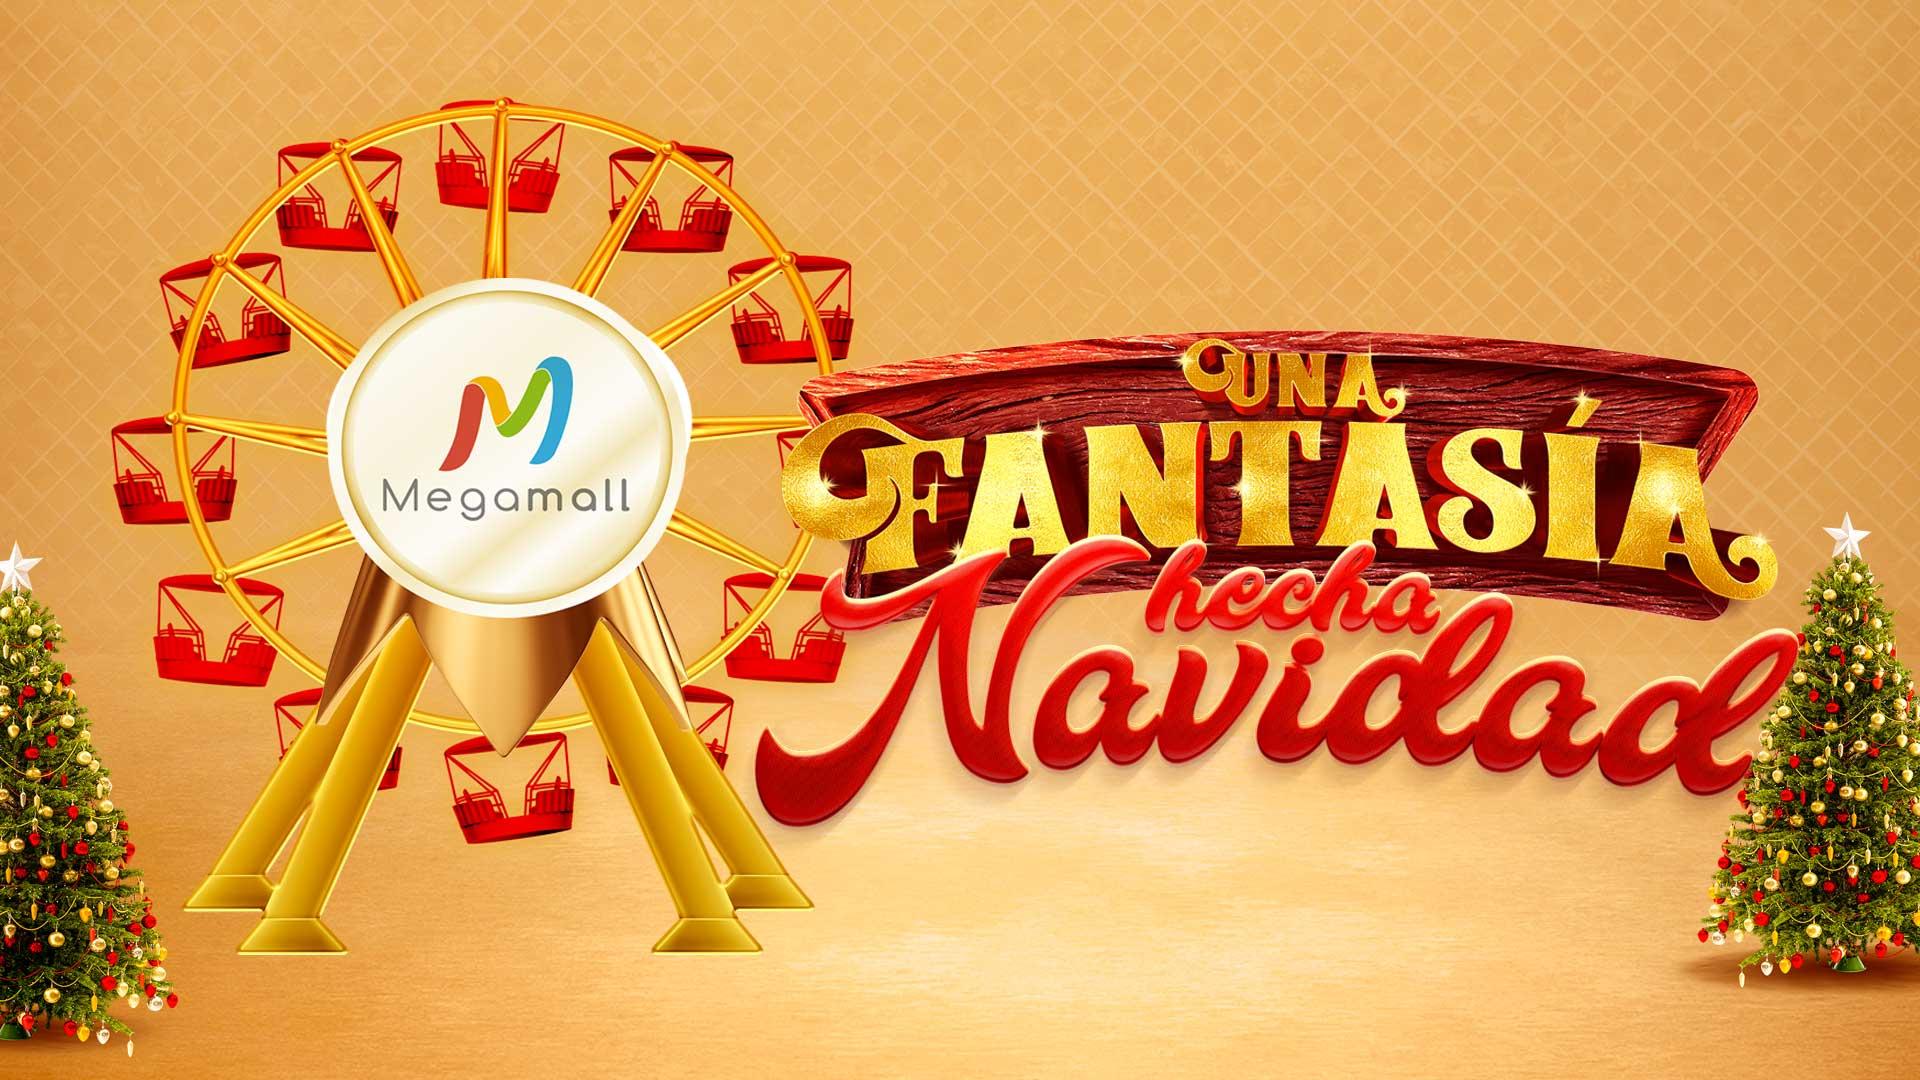 Campaña de Navidad Megamall - MAD agencia